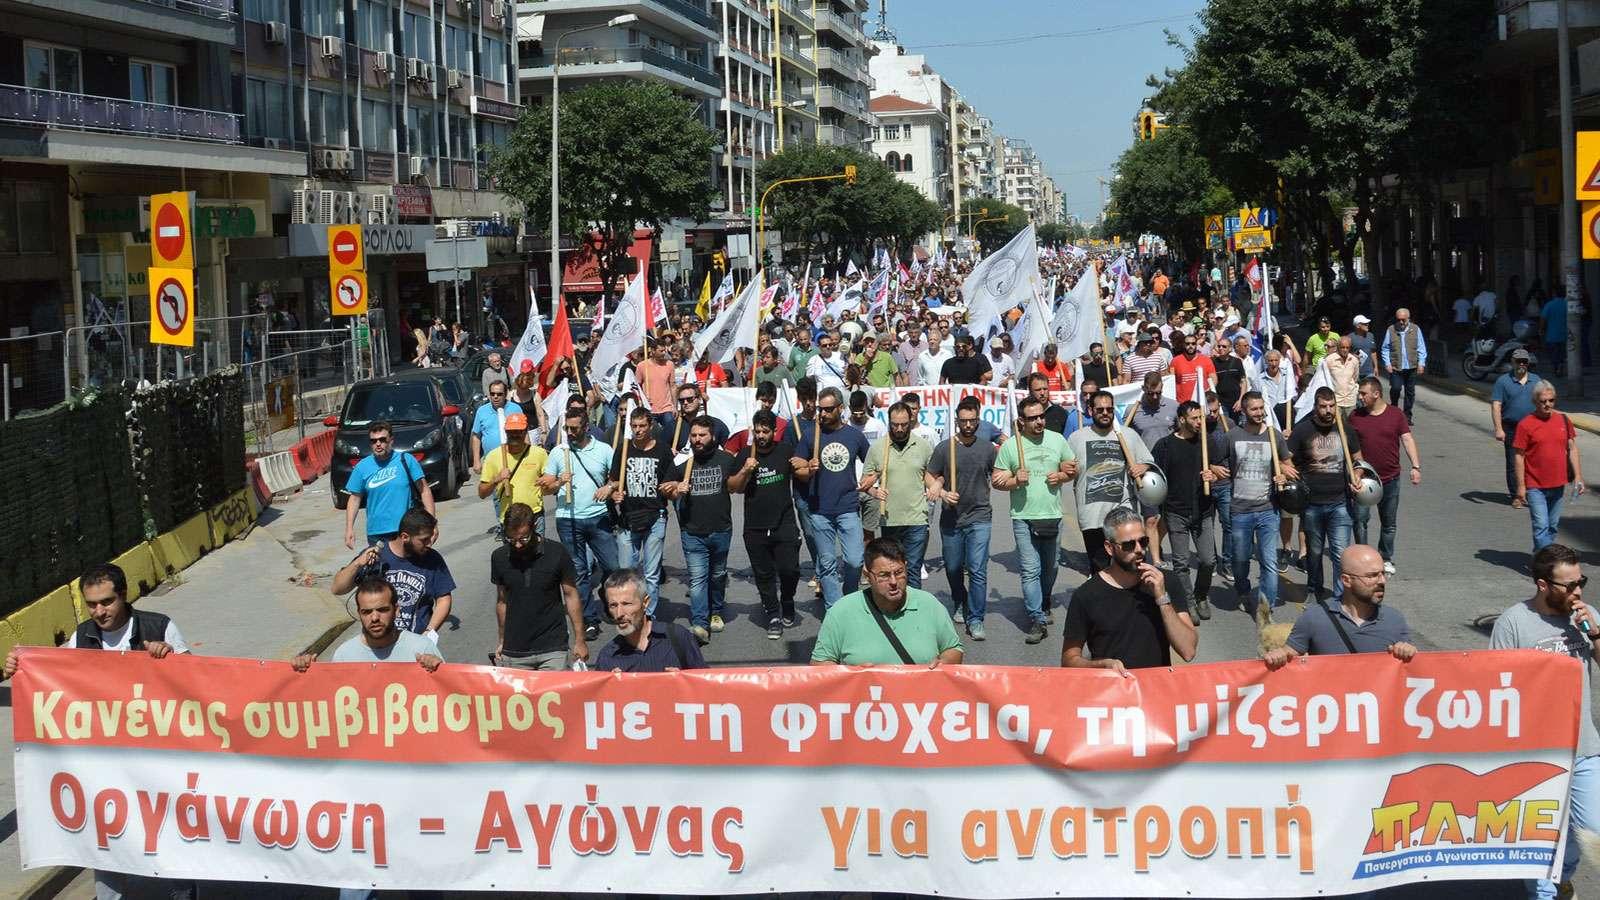 thessaloniki2